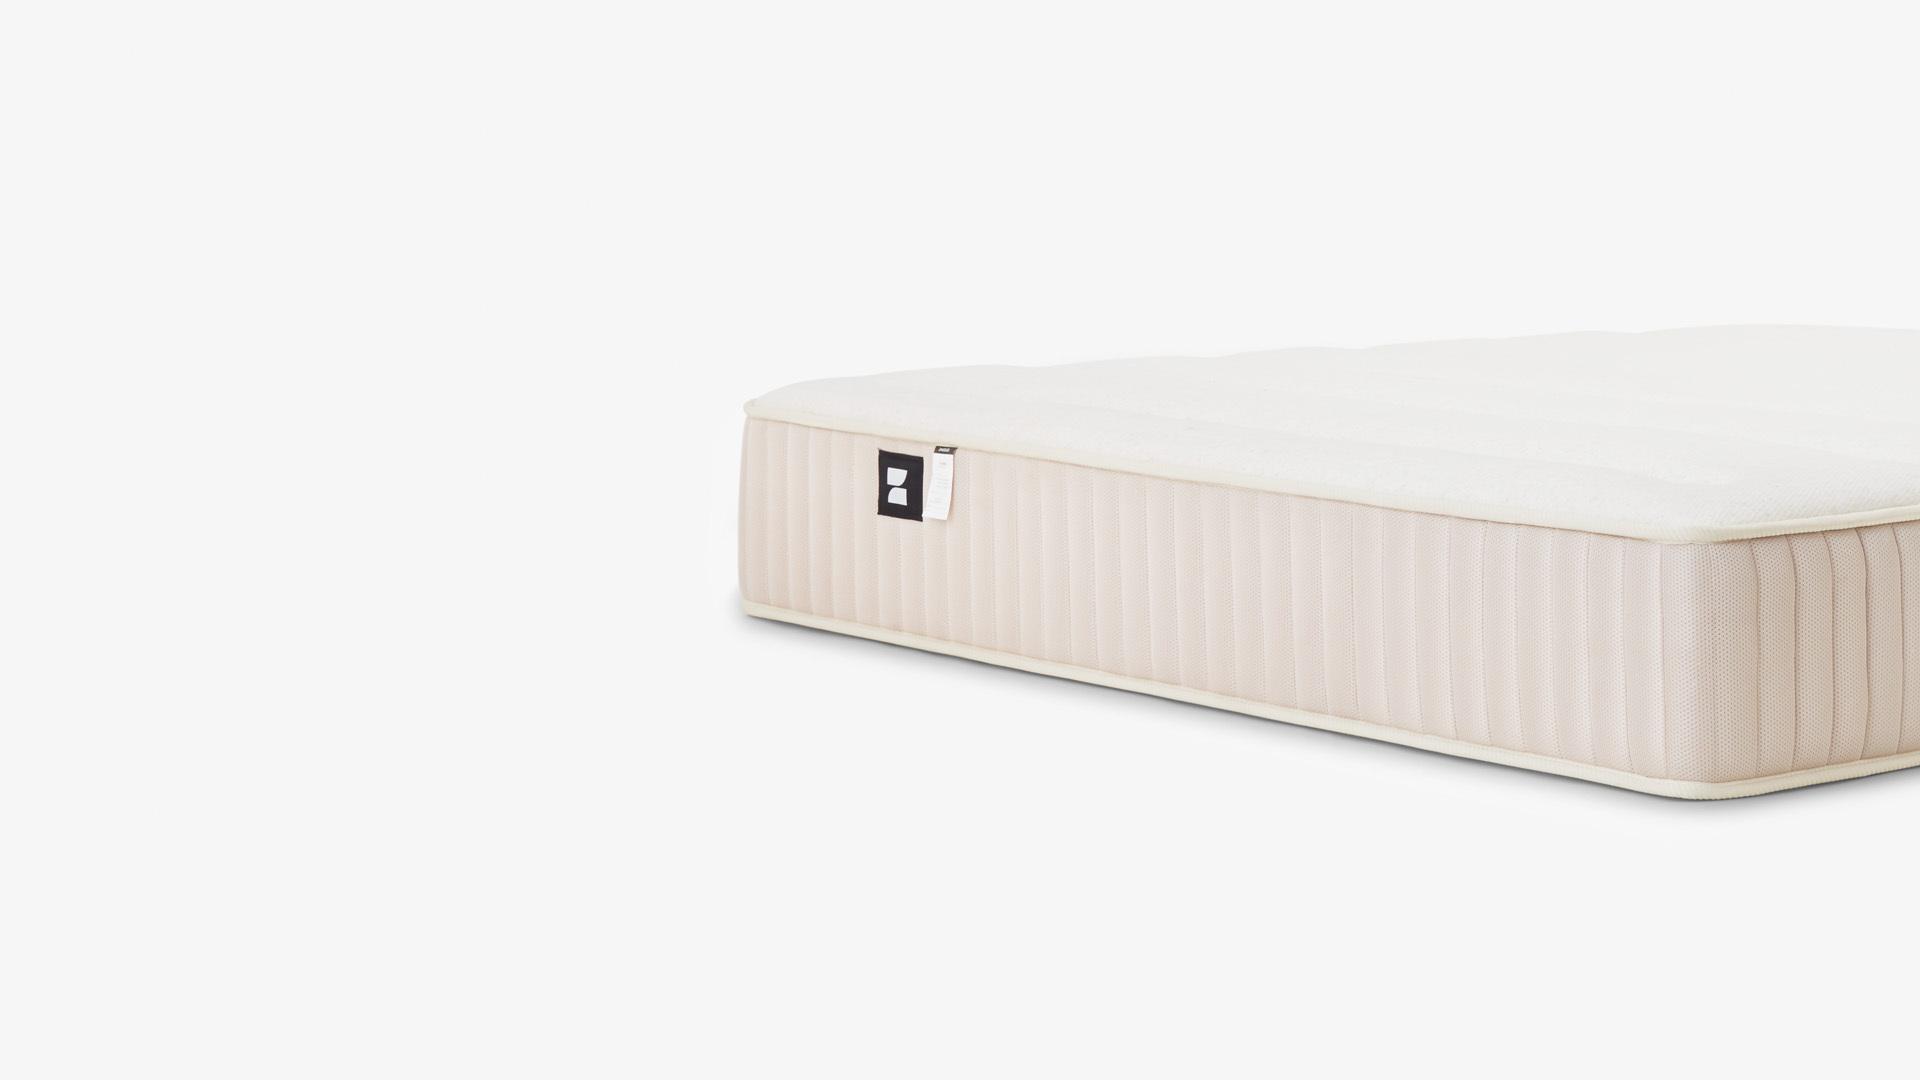 平衡睡温,舒适好眠<br/>从床垫的凉爽不燥开始